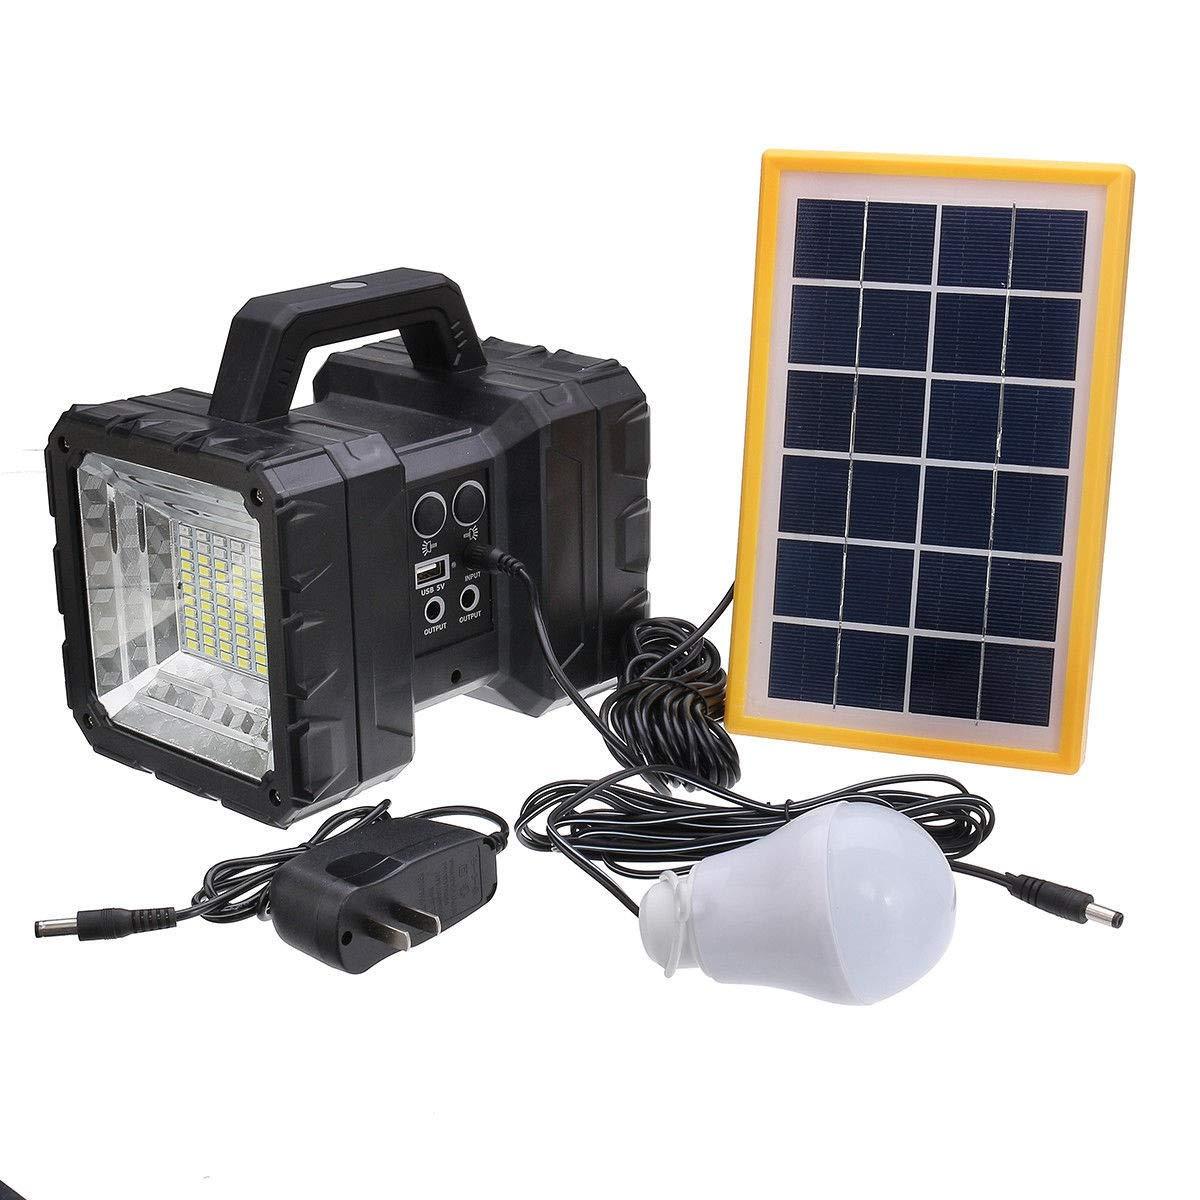 Hkkint ソーラーライト屋外用モーションセンサー高性能ソーラーパネルIP65防水広い照明角度設置が簡単キャンプ応急処置中庭ポータブル照明設置が簡単自由に調節可能な耐久性のあるライト B07RQP5KSZ